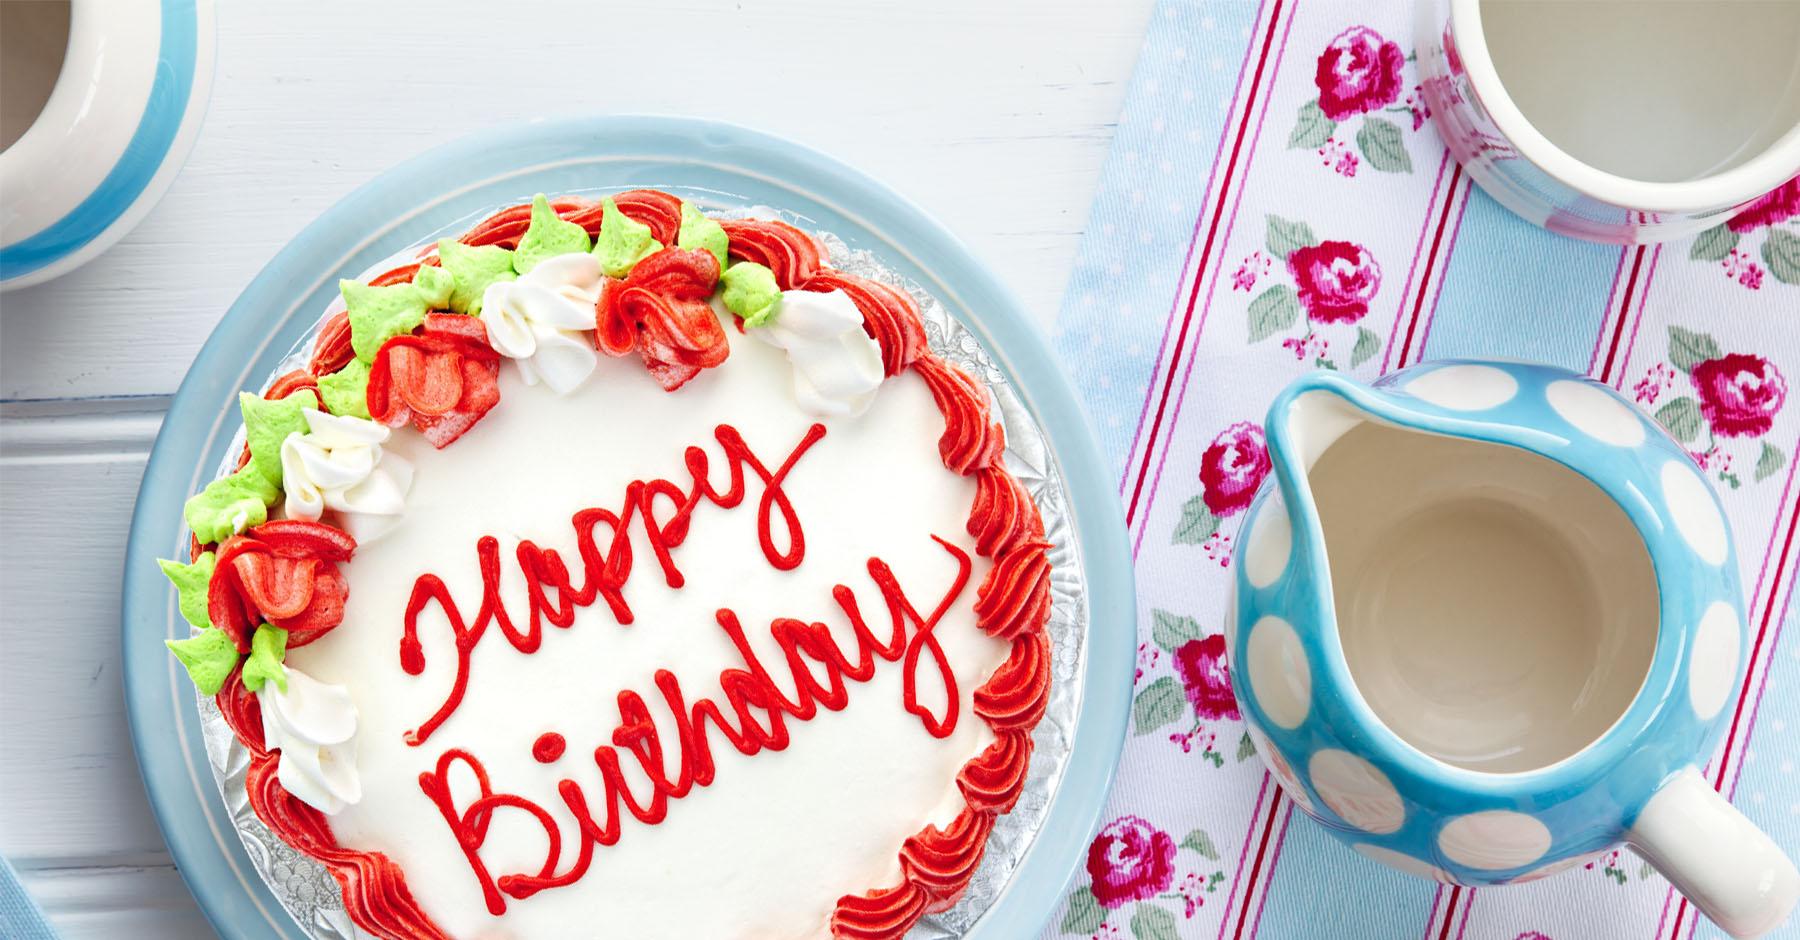 cel_cakes